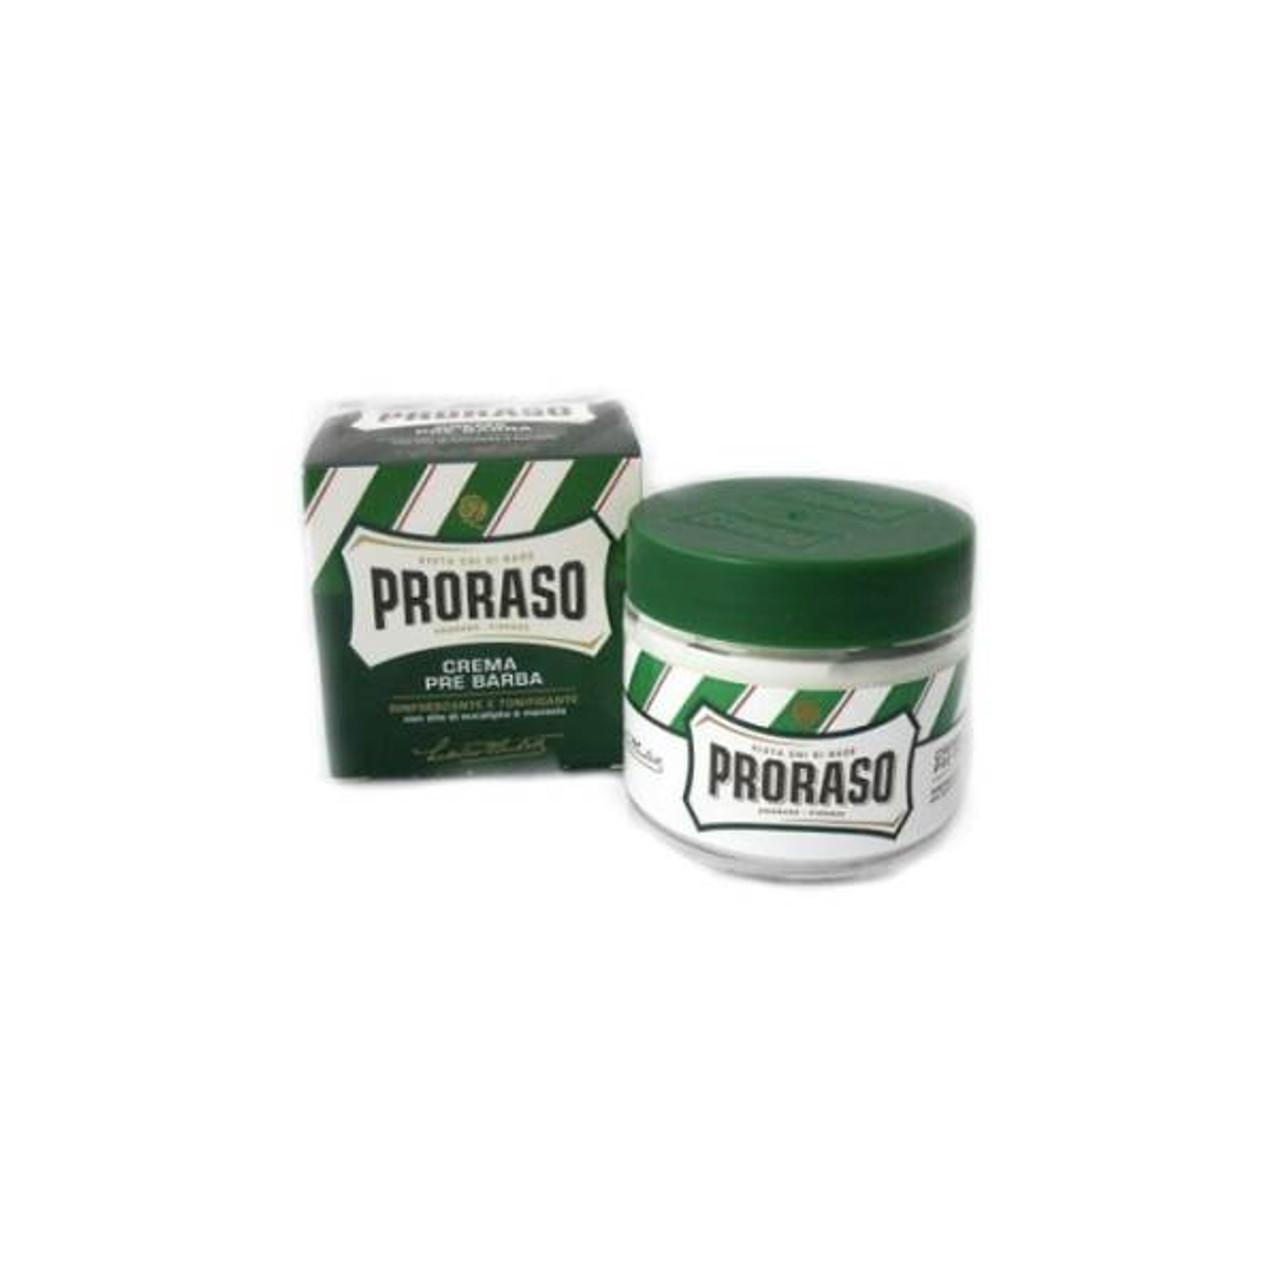 Proraso Pre-Shave Cream Green